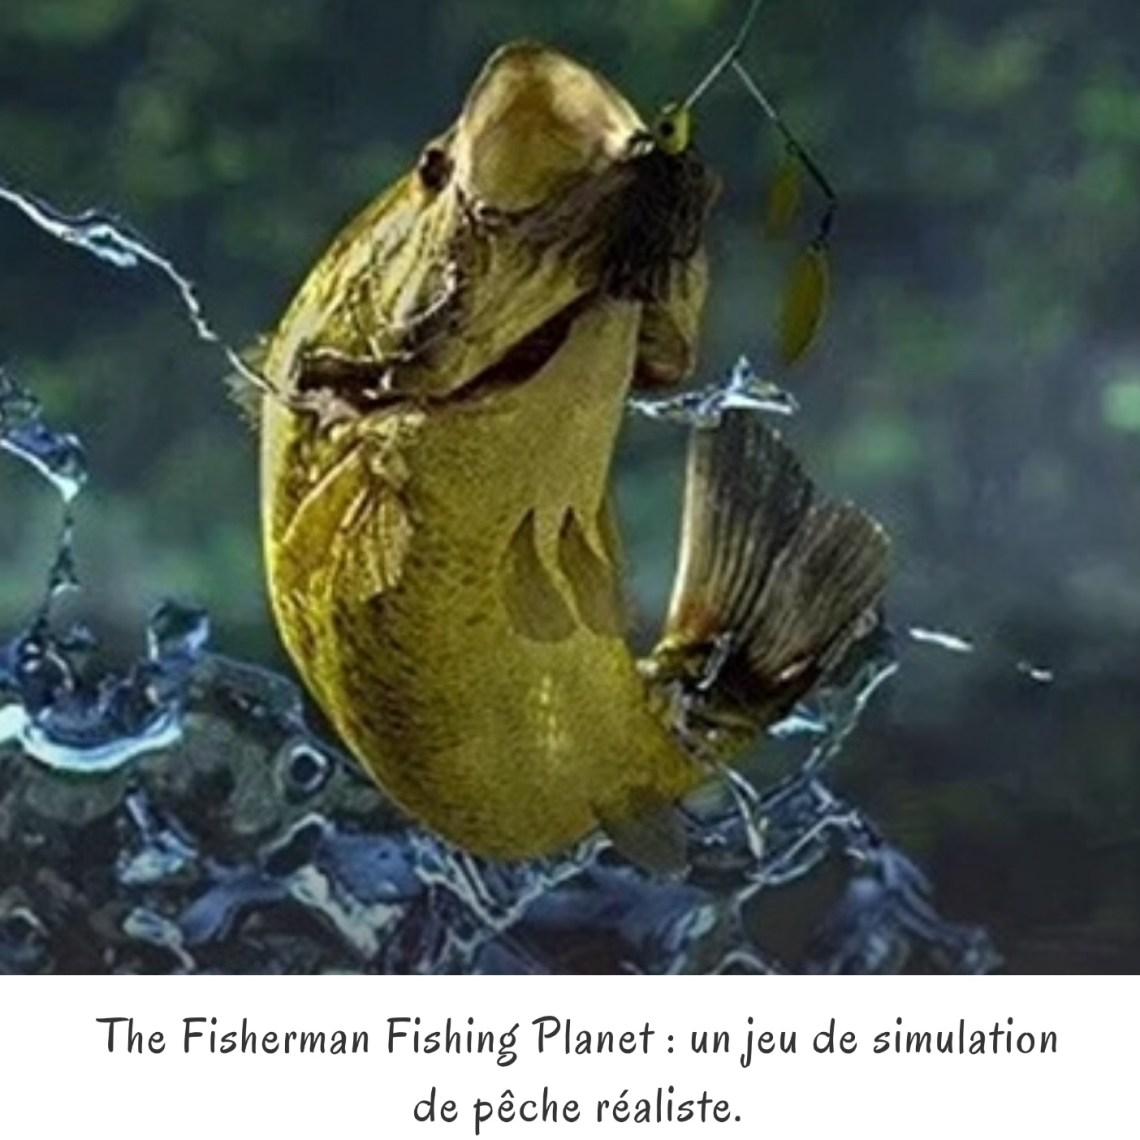 The Fisherman Fishing Planet : un jeu de simulation de pêche réaliste.